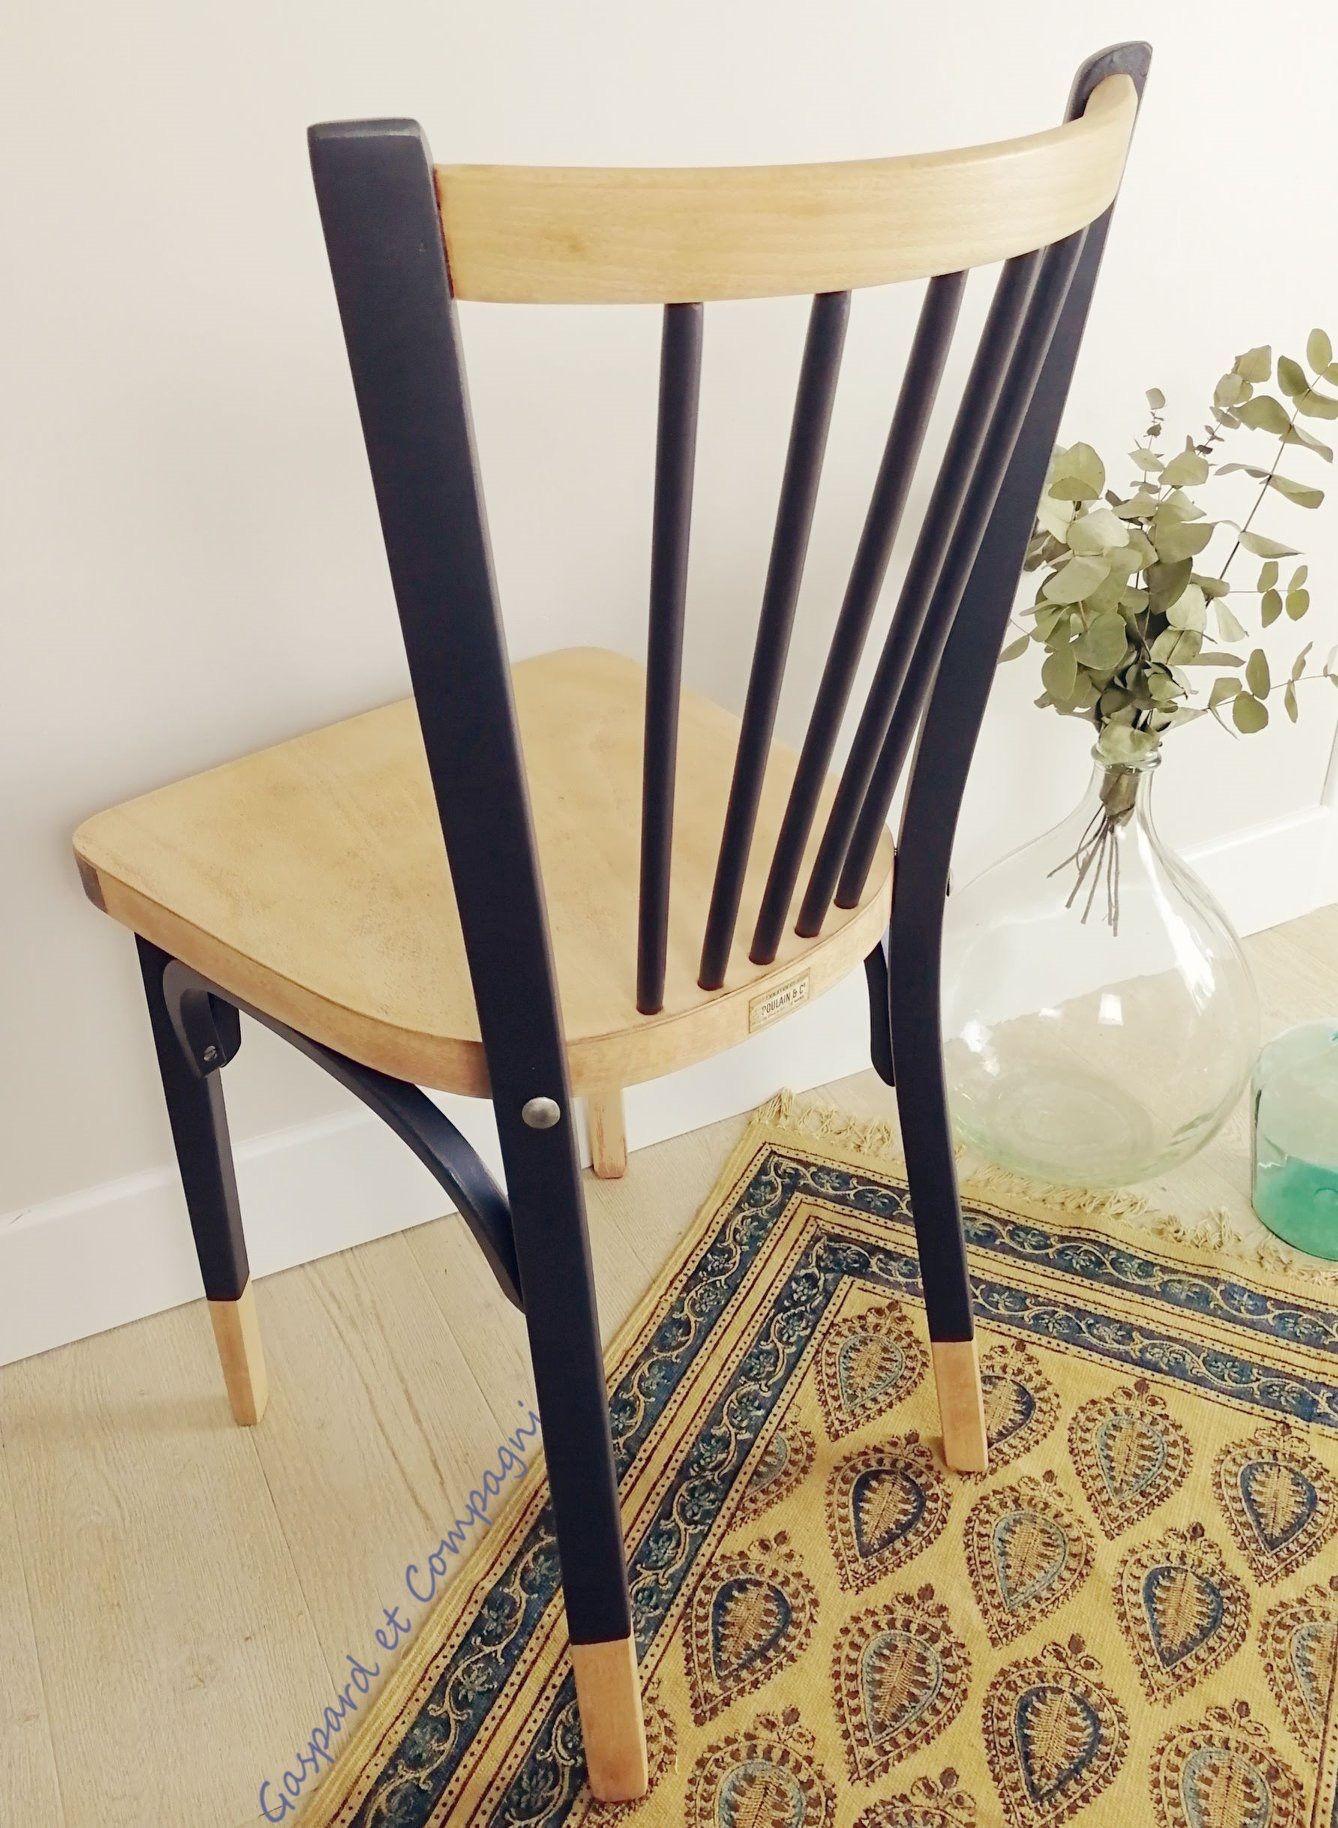 Epingle Par Florie Dejeant Sur Idees Deco Grenoble Decoration Maison Chaise Chaise Bistrot